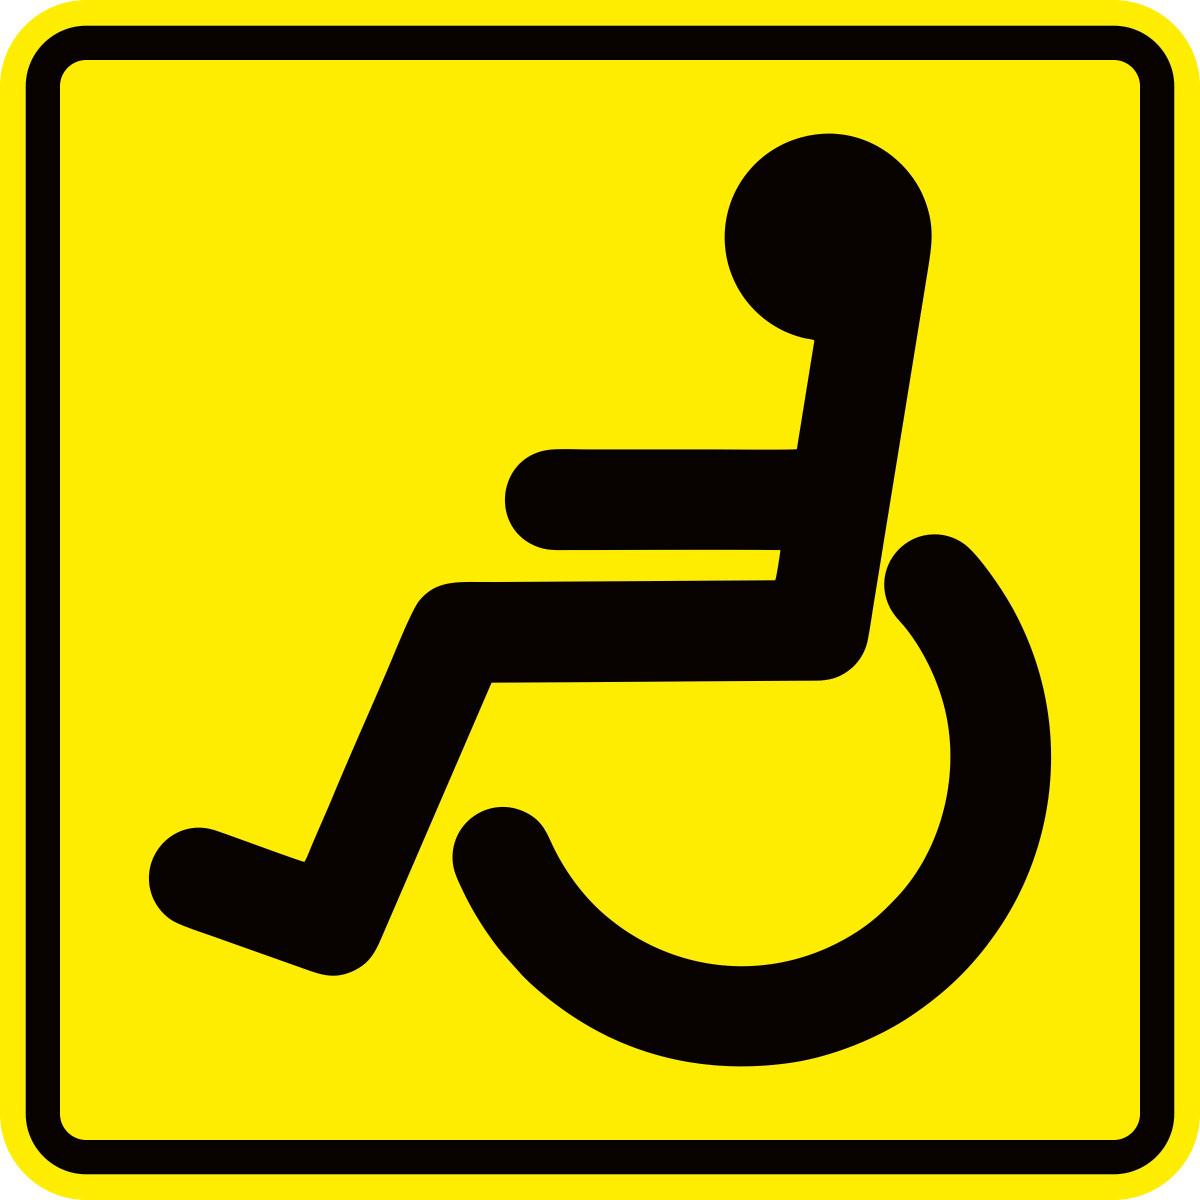 Наклейка автомобильная Оранжевый слоник Инвалид, виниловая автознак инвалид купить